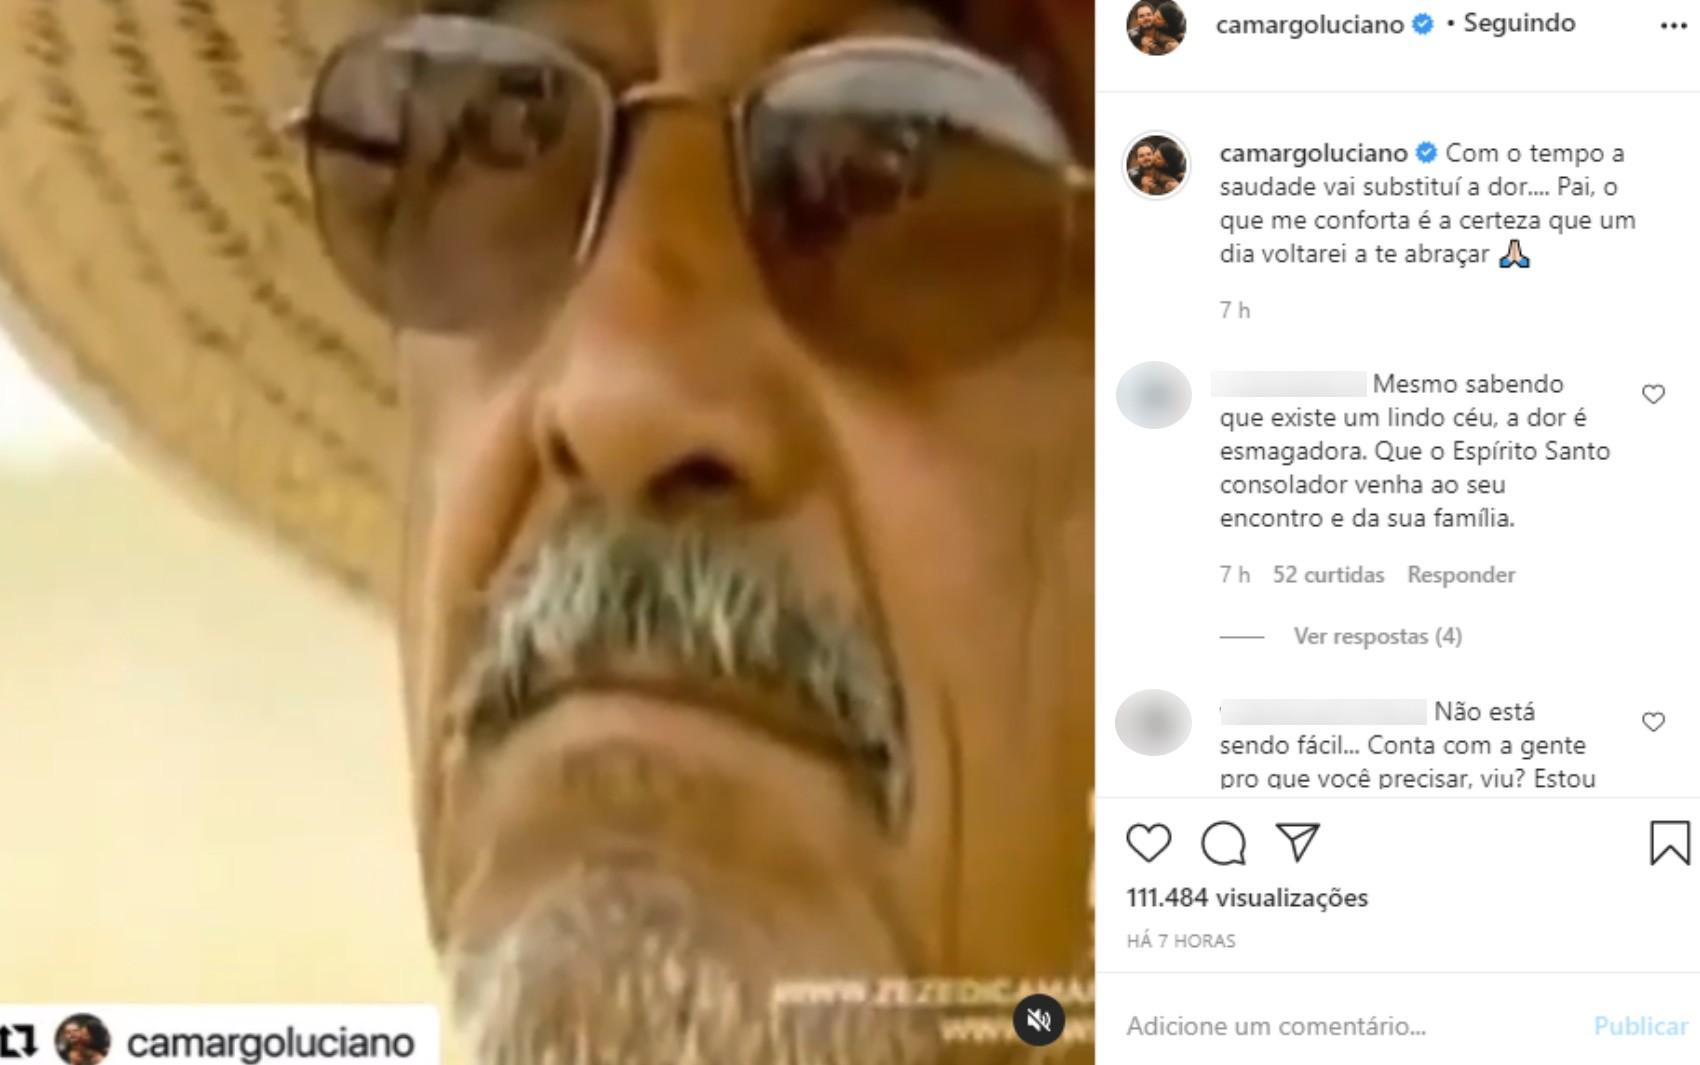 Luciano faz novo post sobre morte do pai dias após enterro: 'Com o tempo, saudade vai substituir dor'